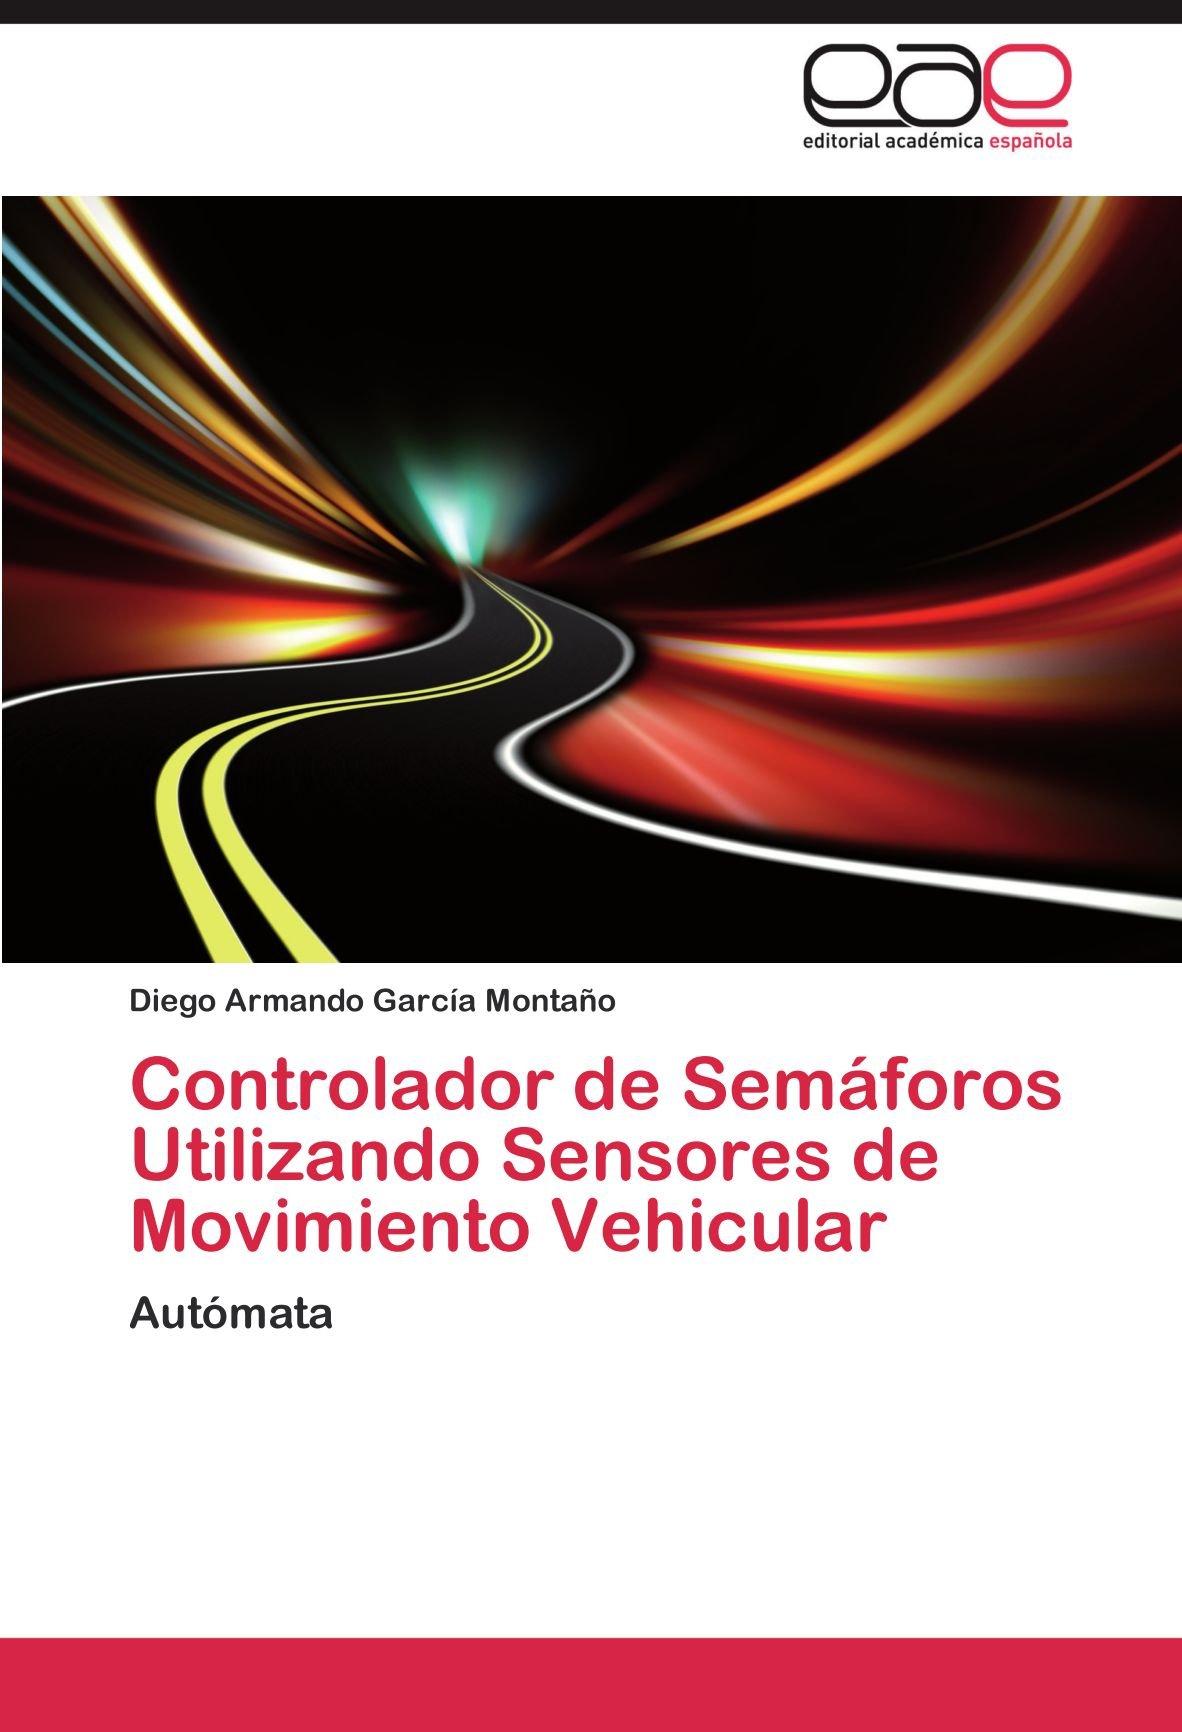 Controlador de Semaforos Utilizando Sensores de Movimiento Vehicular: Amazon.es: Diego Armando Garc a. Monta O., Diego Armando Garcia Montano: Libros